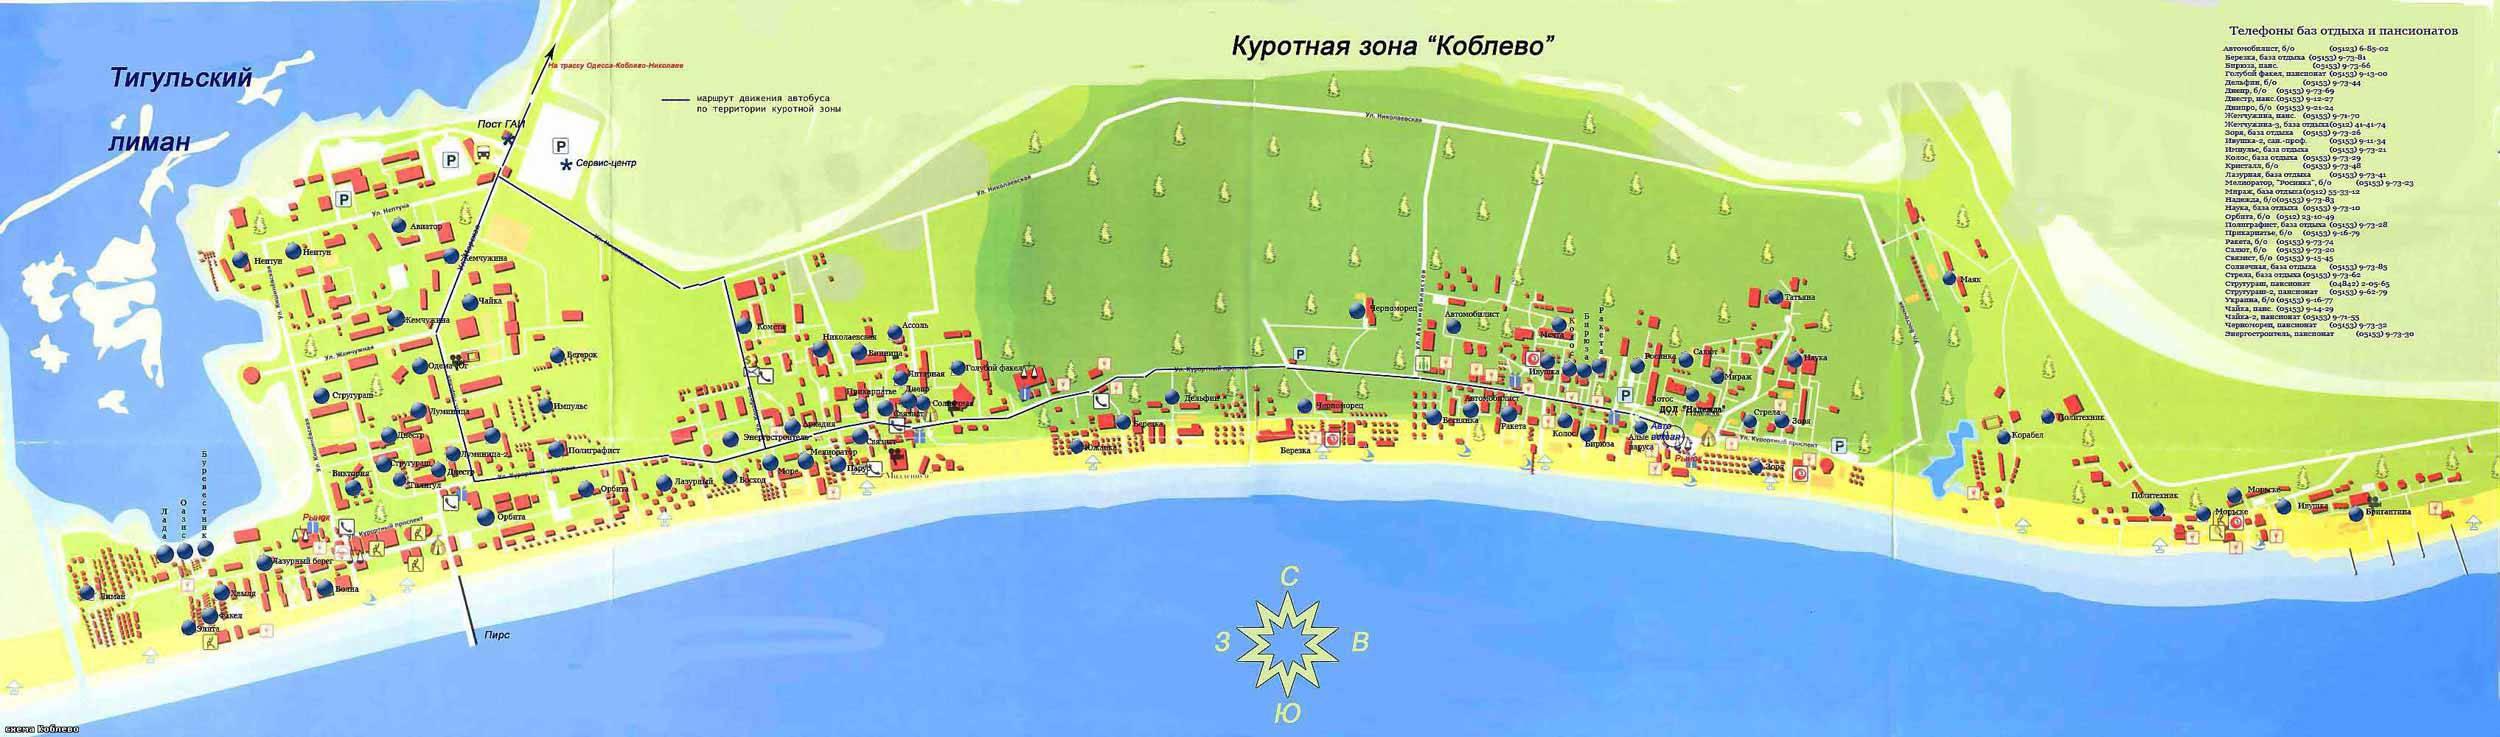 Москва и область | Предложения интима от девушек | Клуб ...